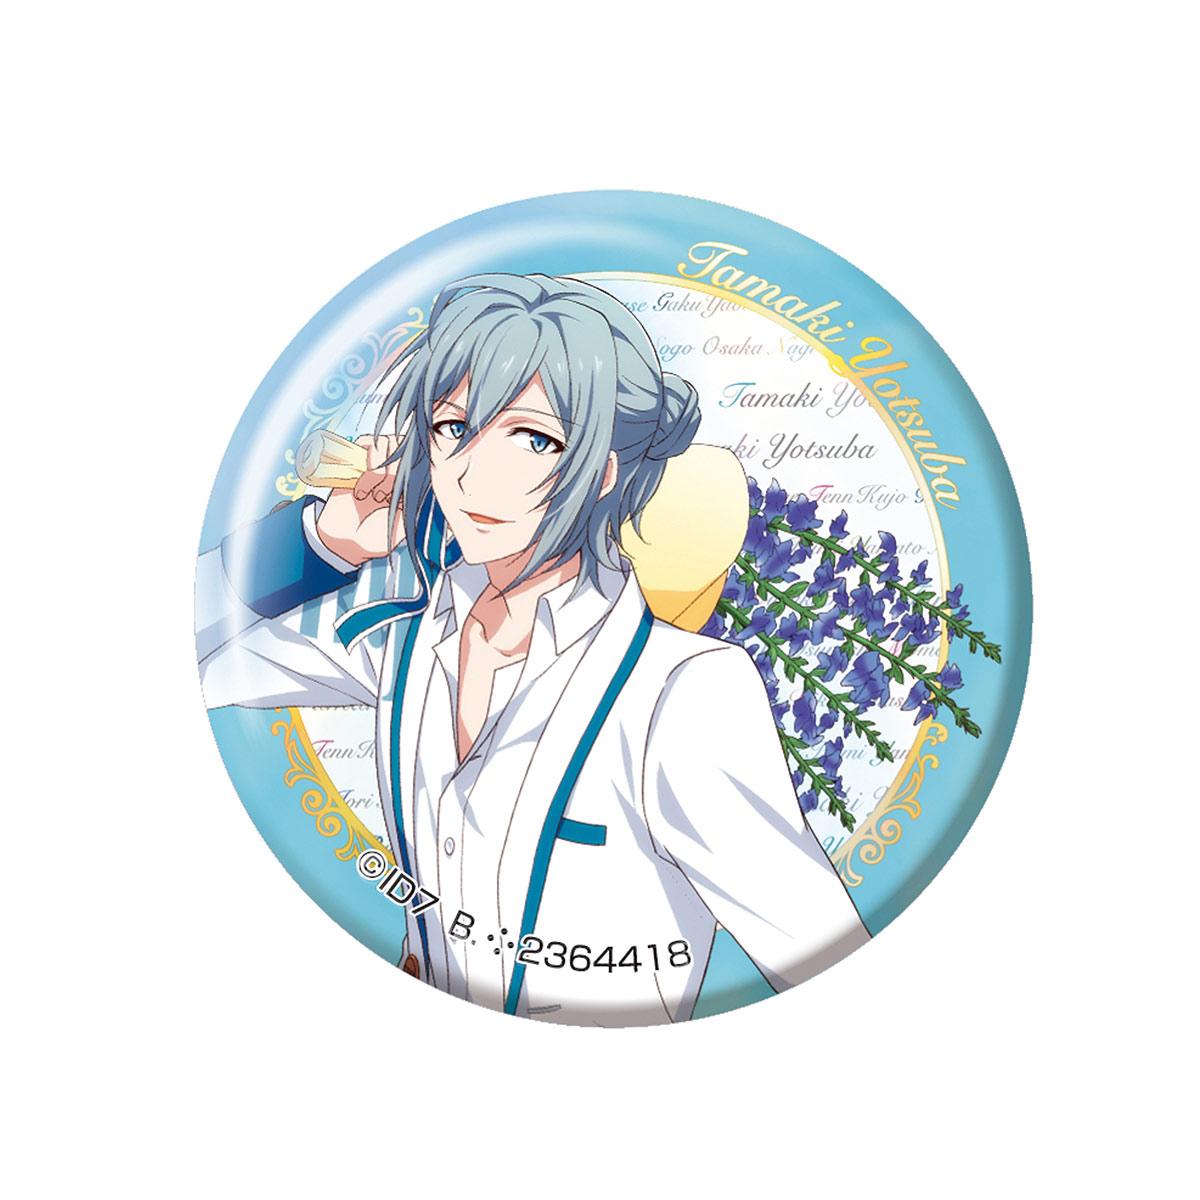 カプセル缶バッジコレクション~IDOLiSH7 ver.~ 四葉環